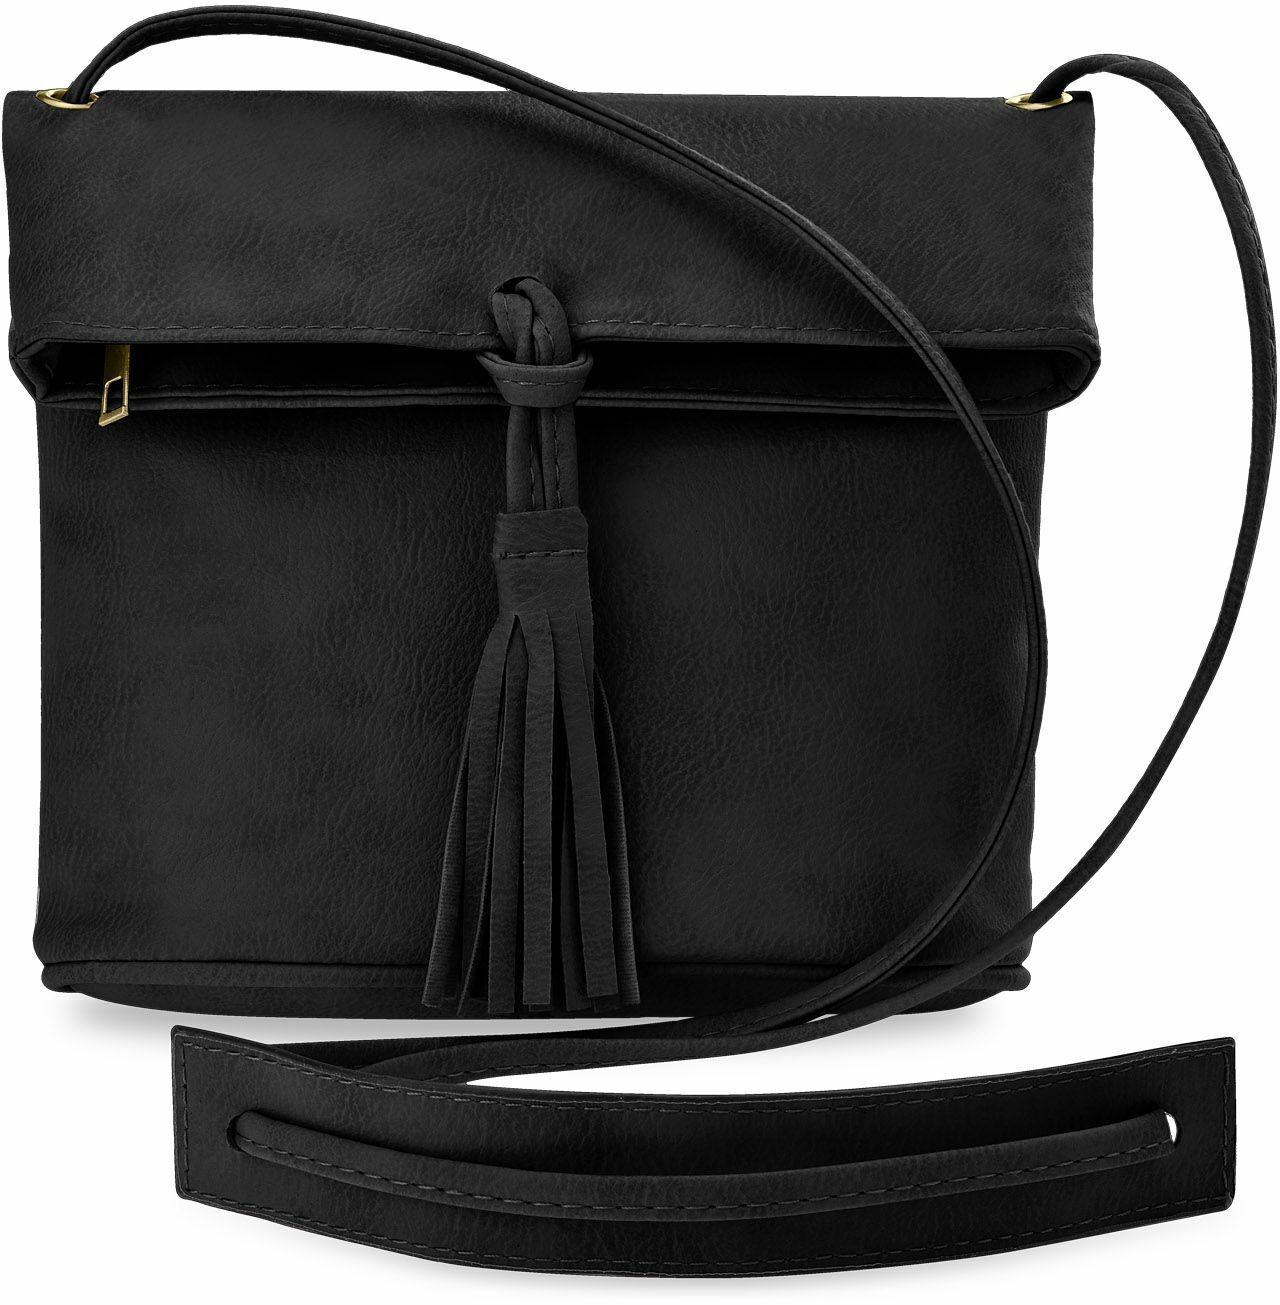 kleine Damentasche Schultertasche Clutch Handtasche mit Fransen schwarz